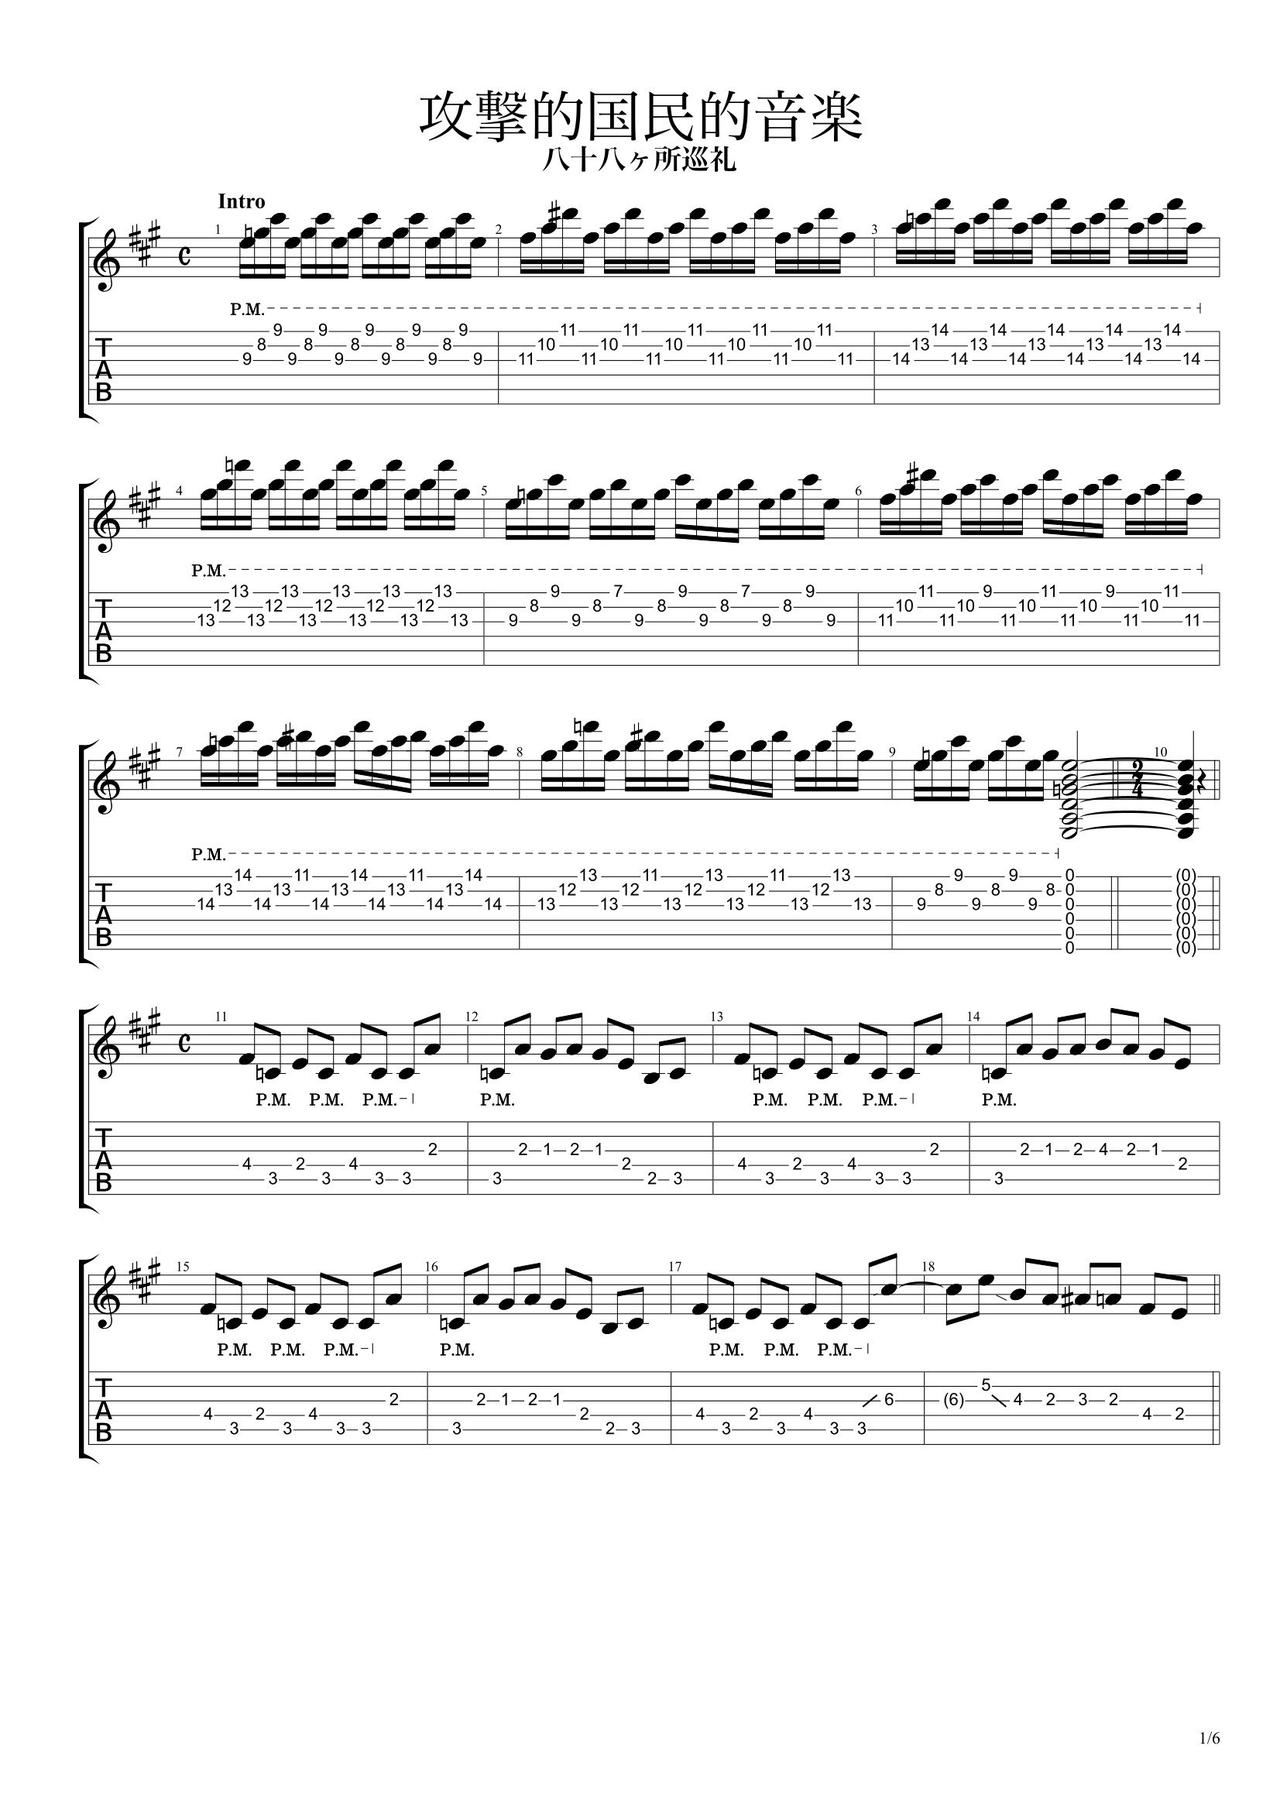 解説:Introアルペジオは全てダウンピッキングで、メインリフも全てダウンピッキングで弾いてます。ブリッジミュートでない実音部分はピッキングハーモニクスを鳴らしています。(動画参照)